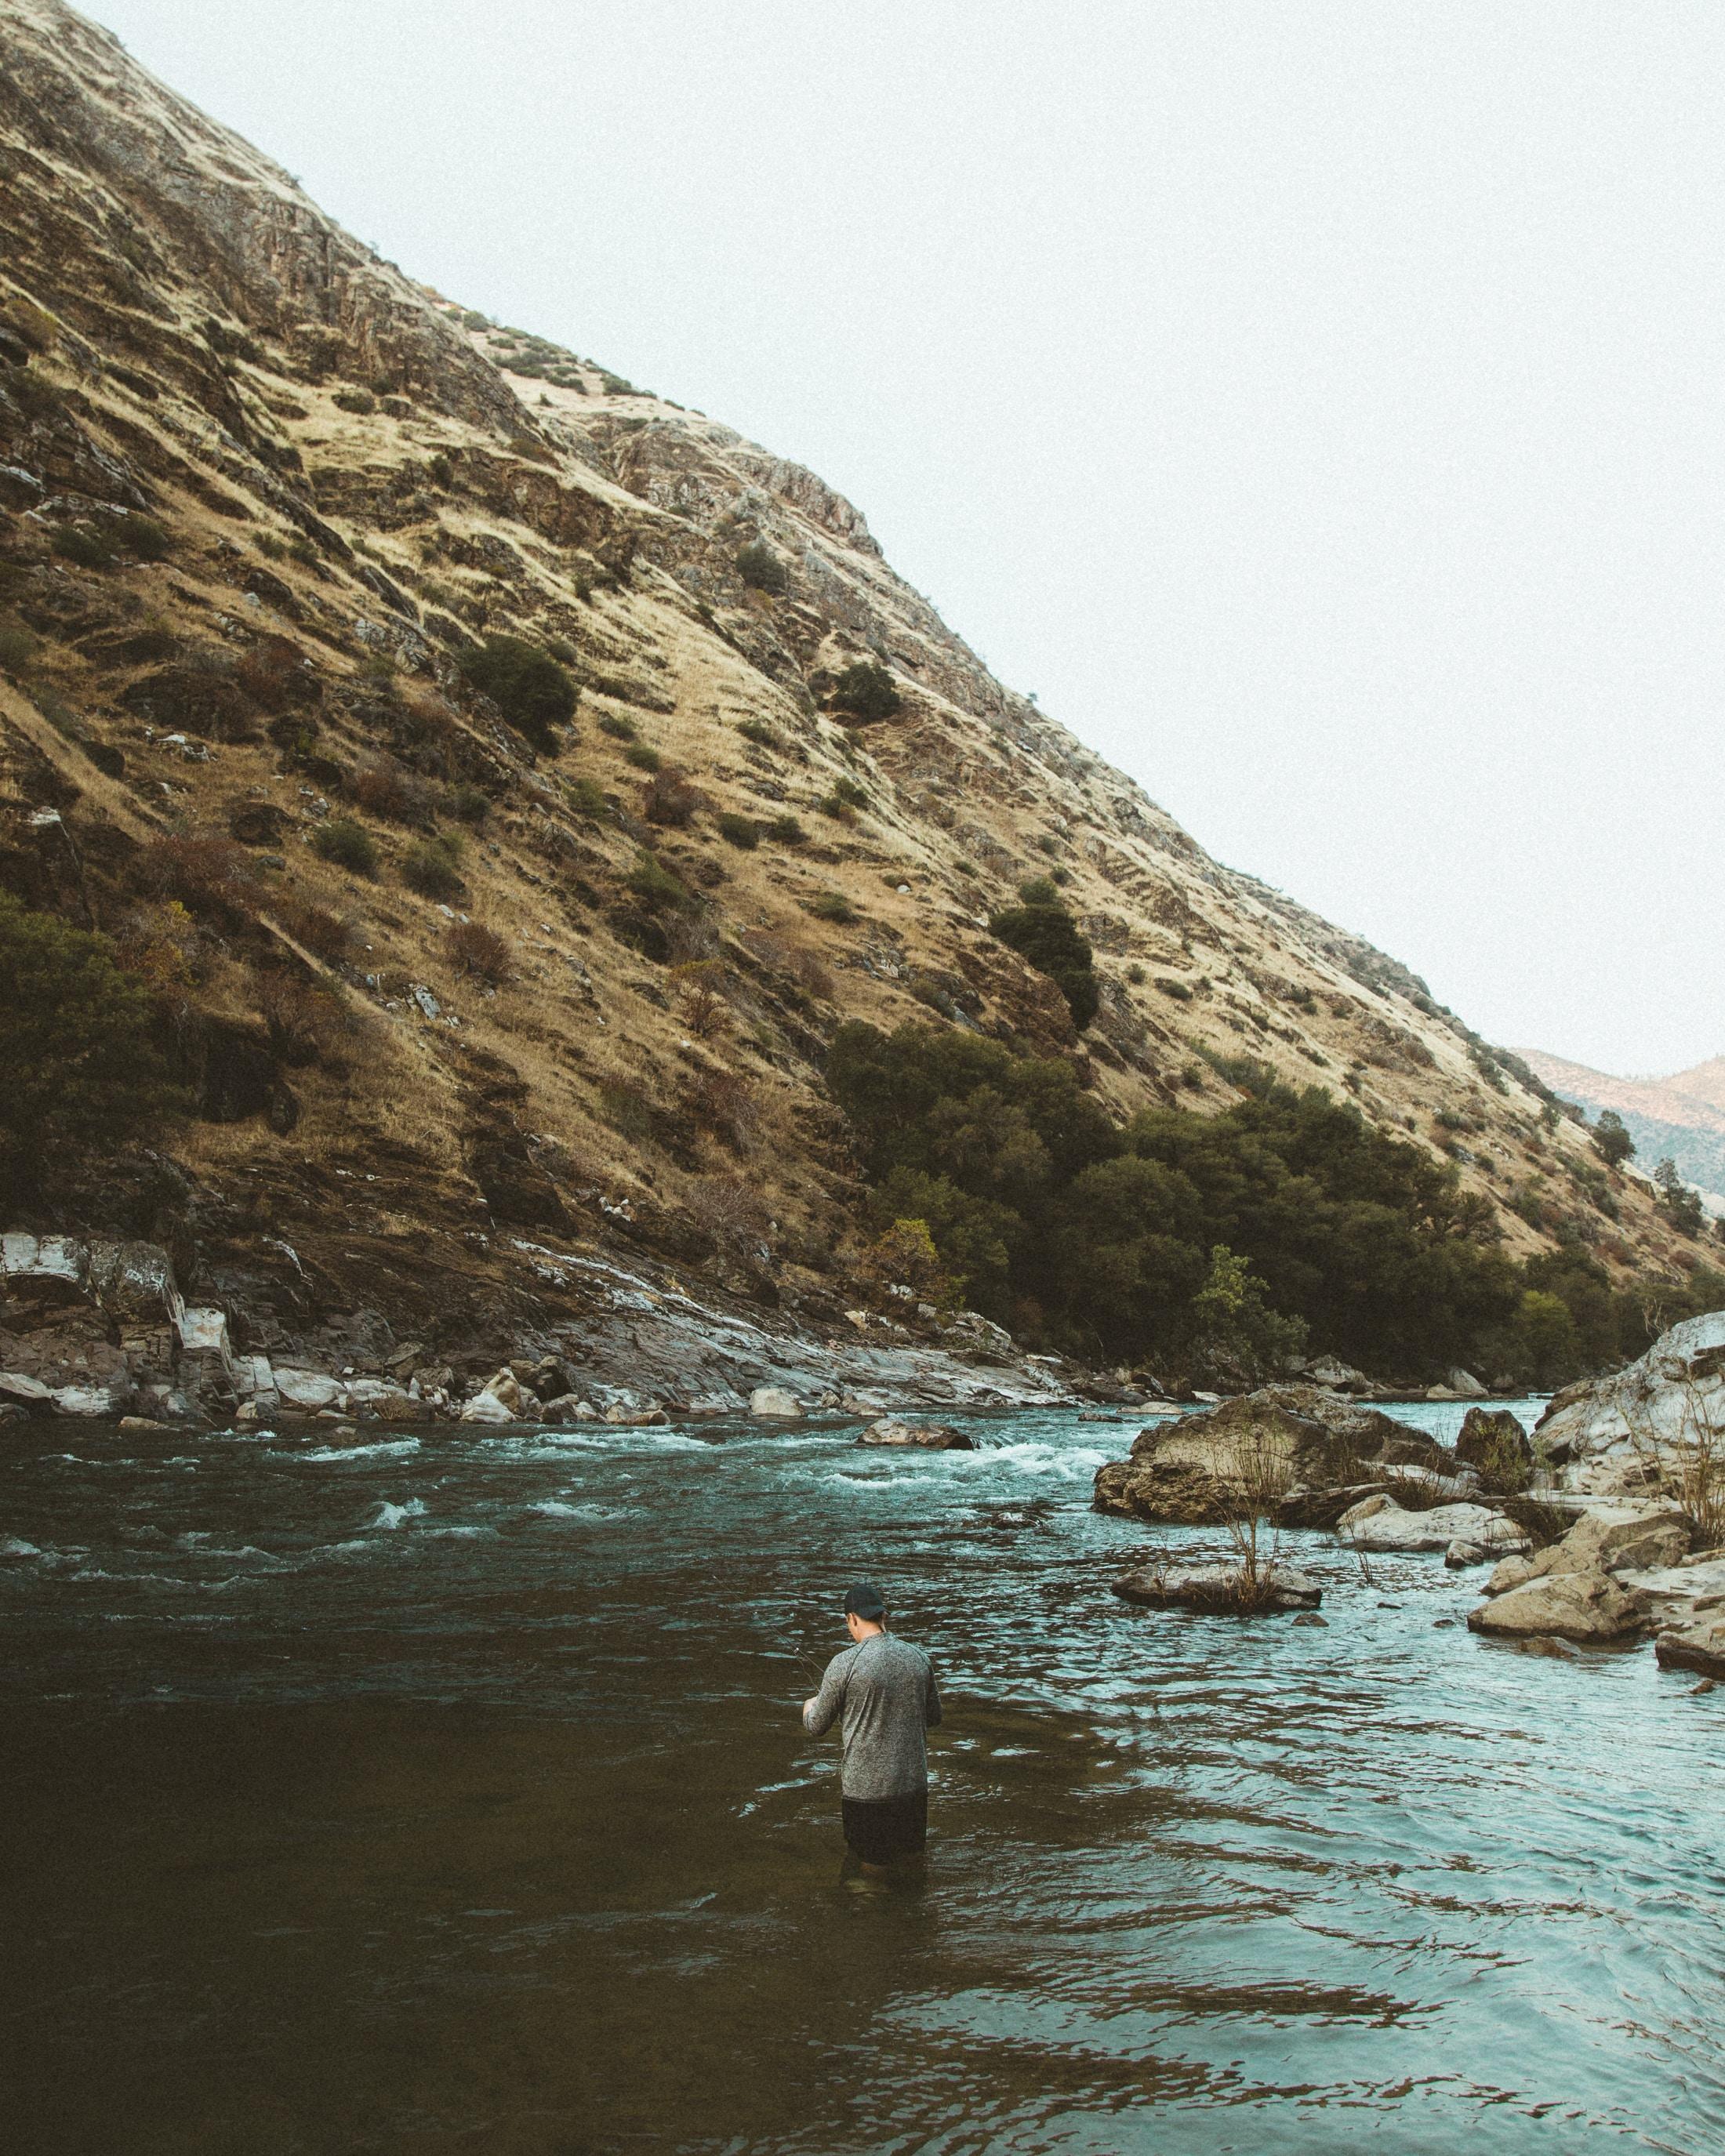 man in water near hill